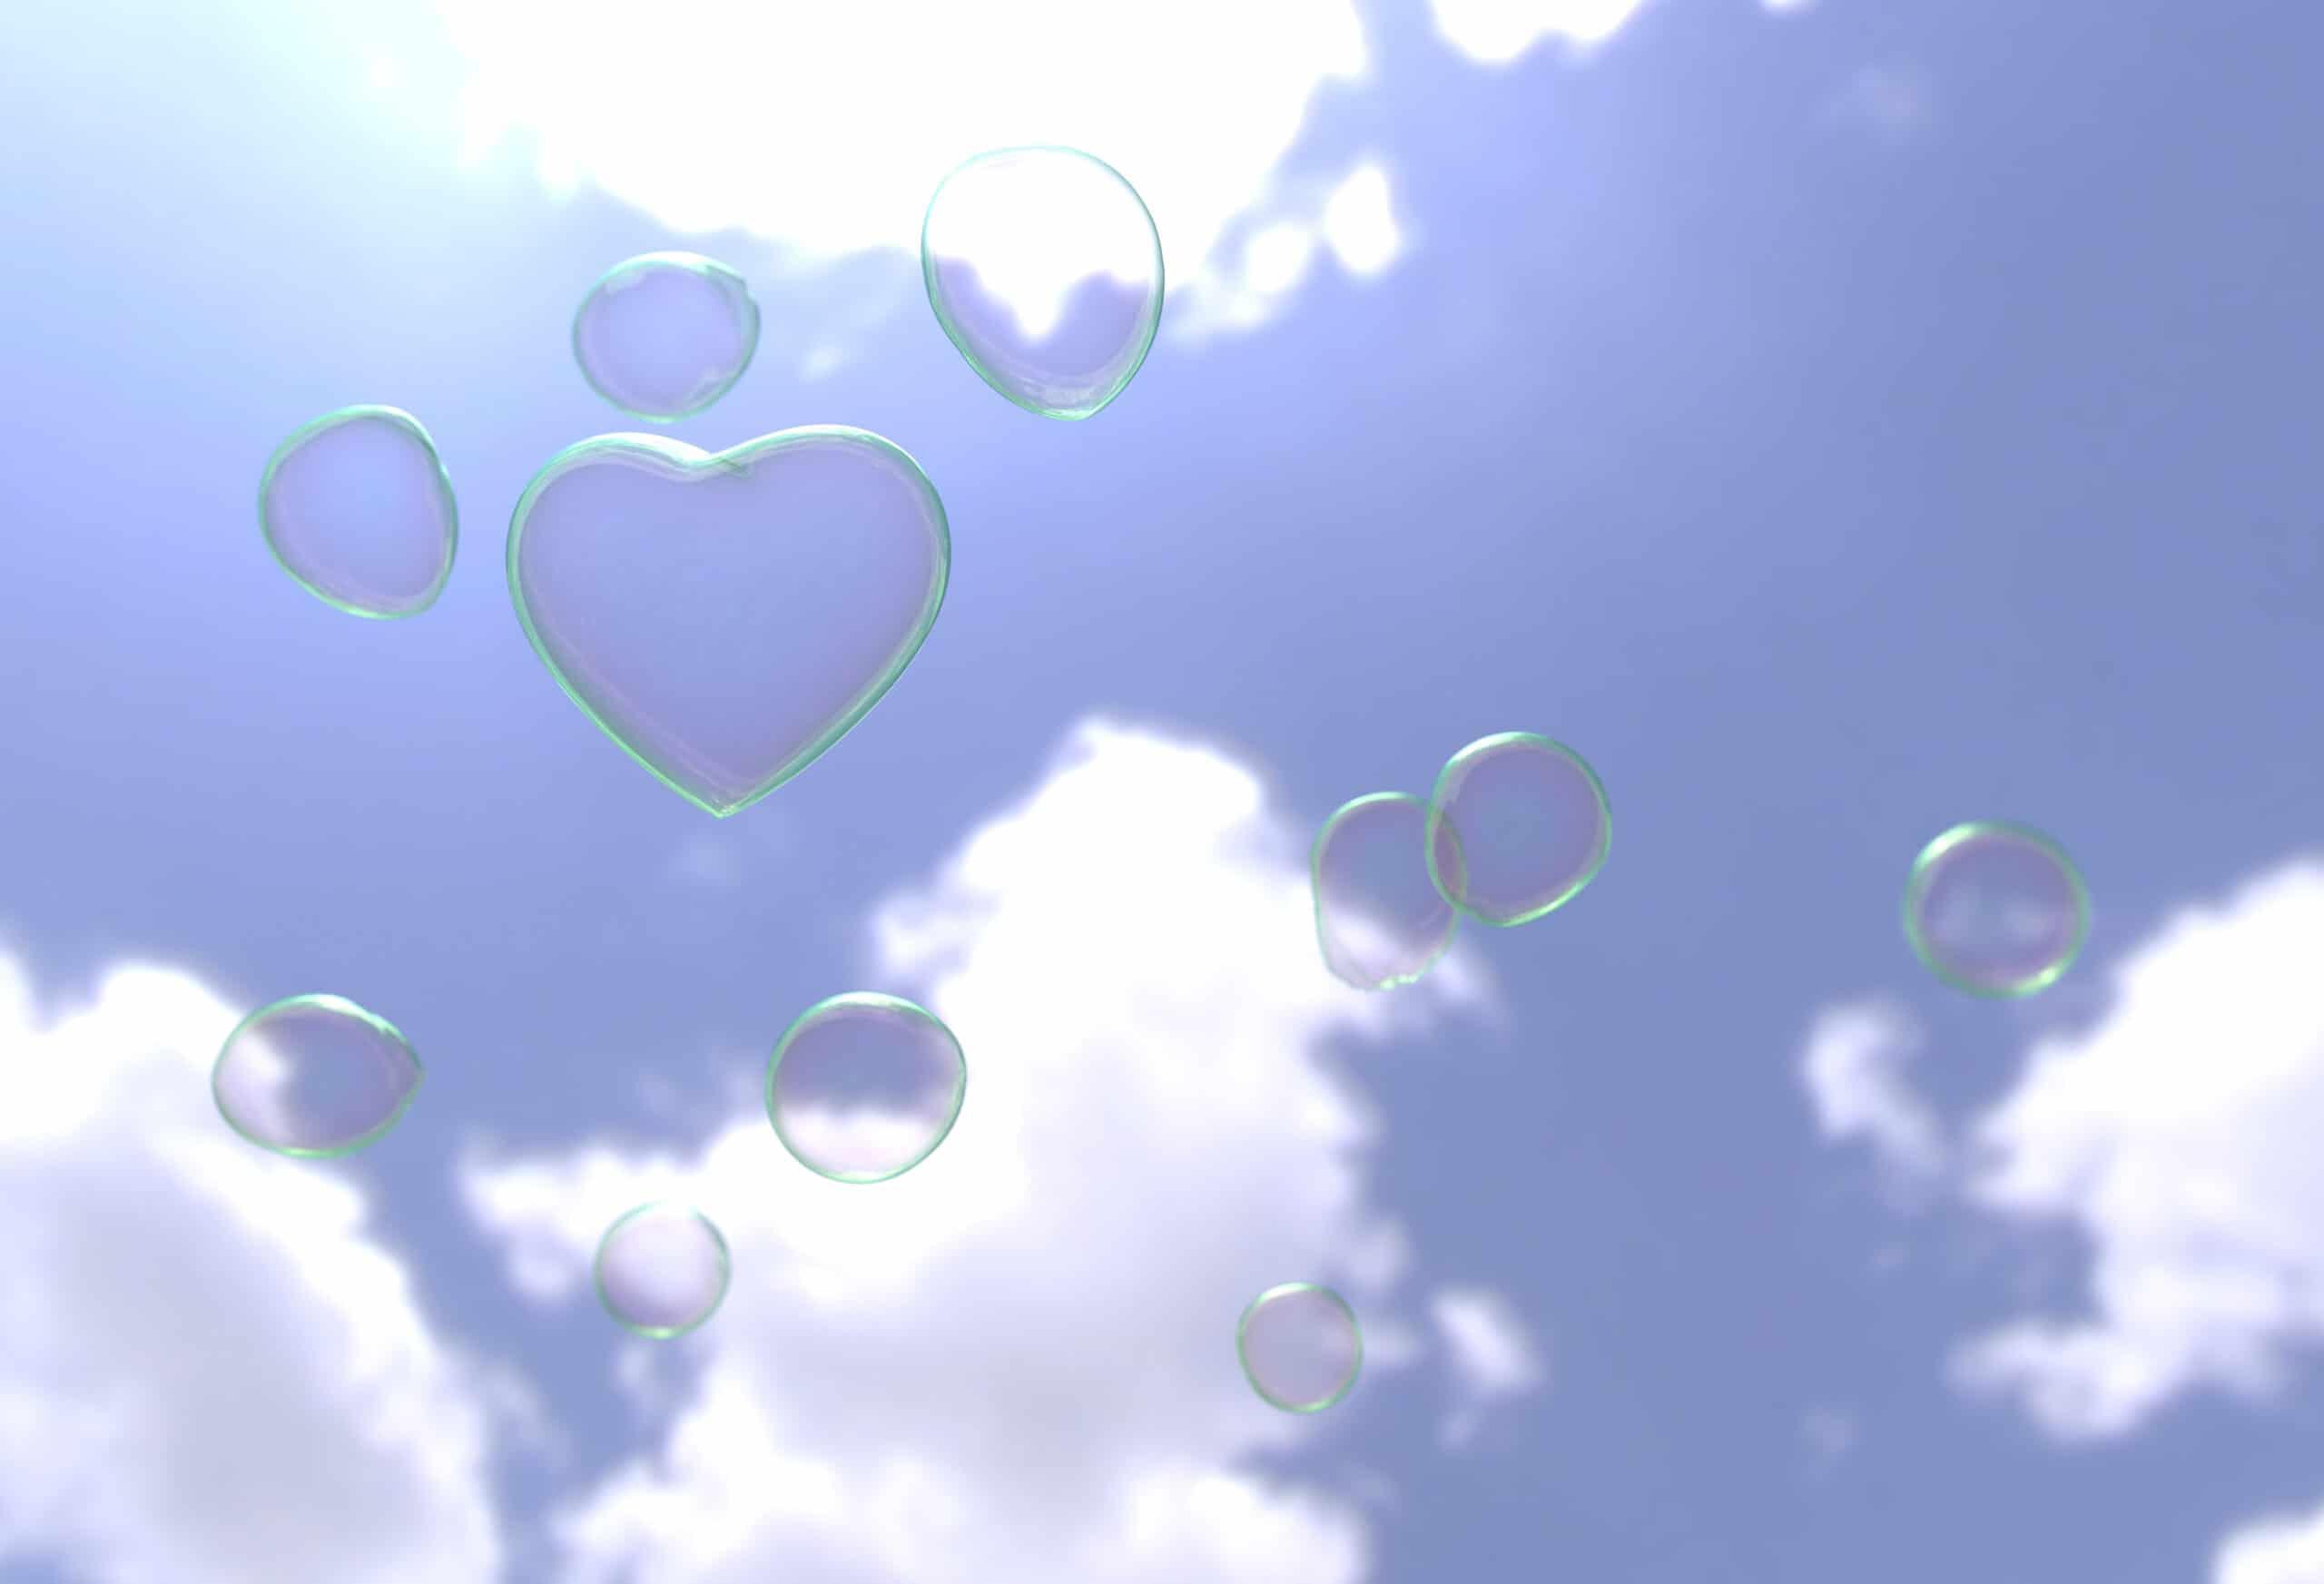 hartjes-bellenblaas-liefde